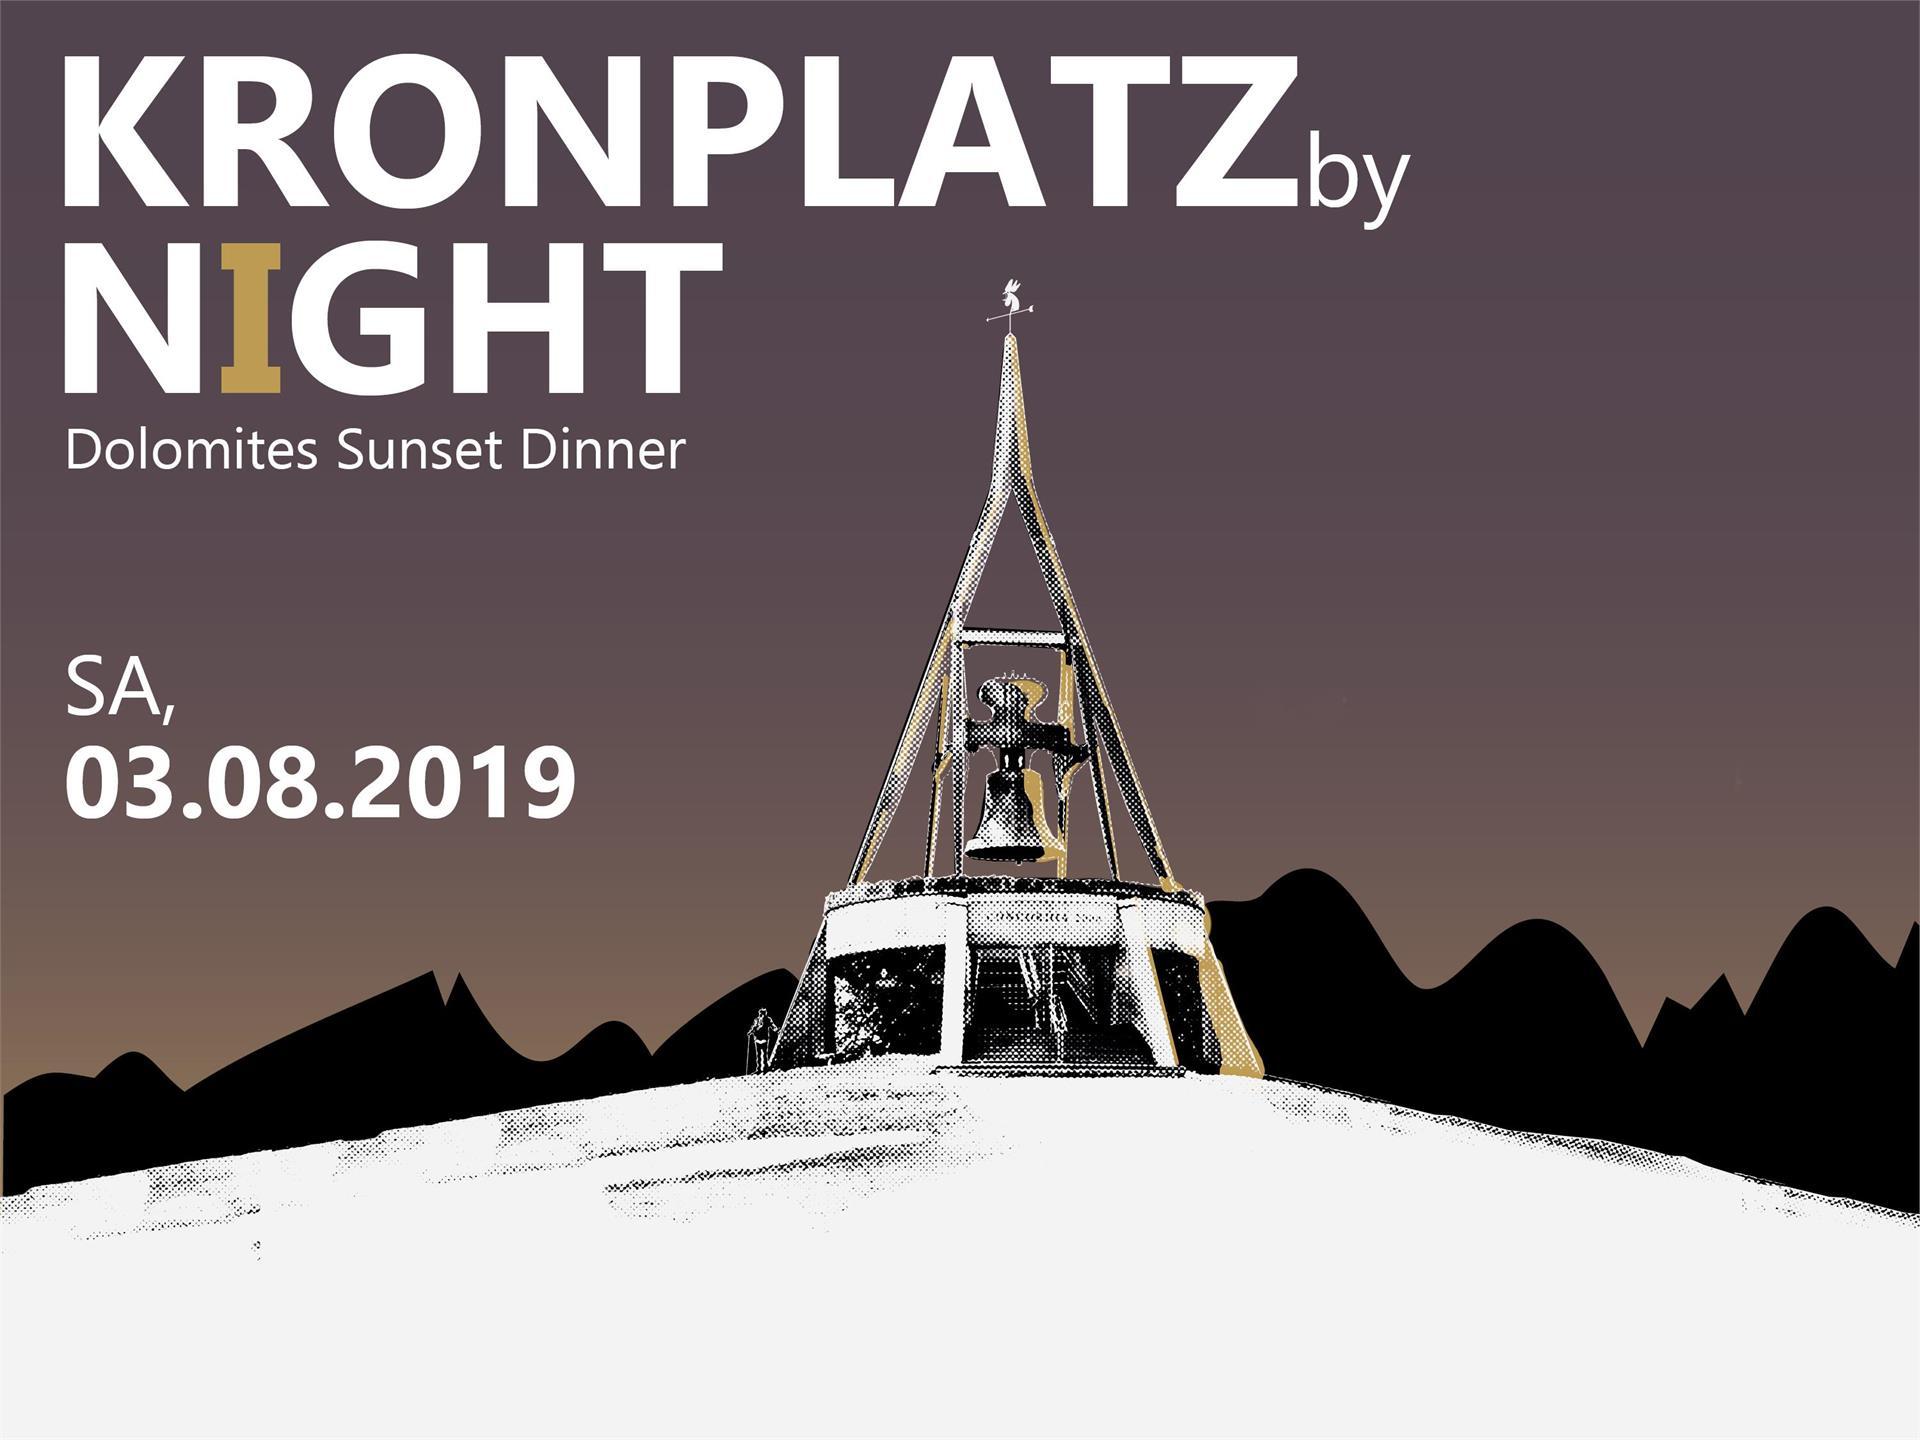 KRONPLATZ by NIGHT